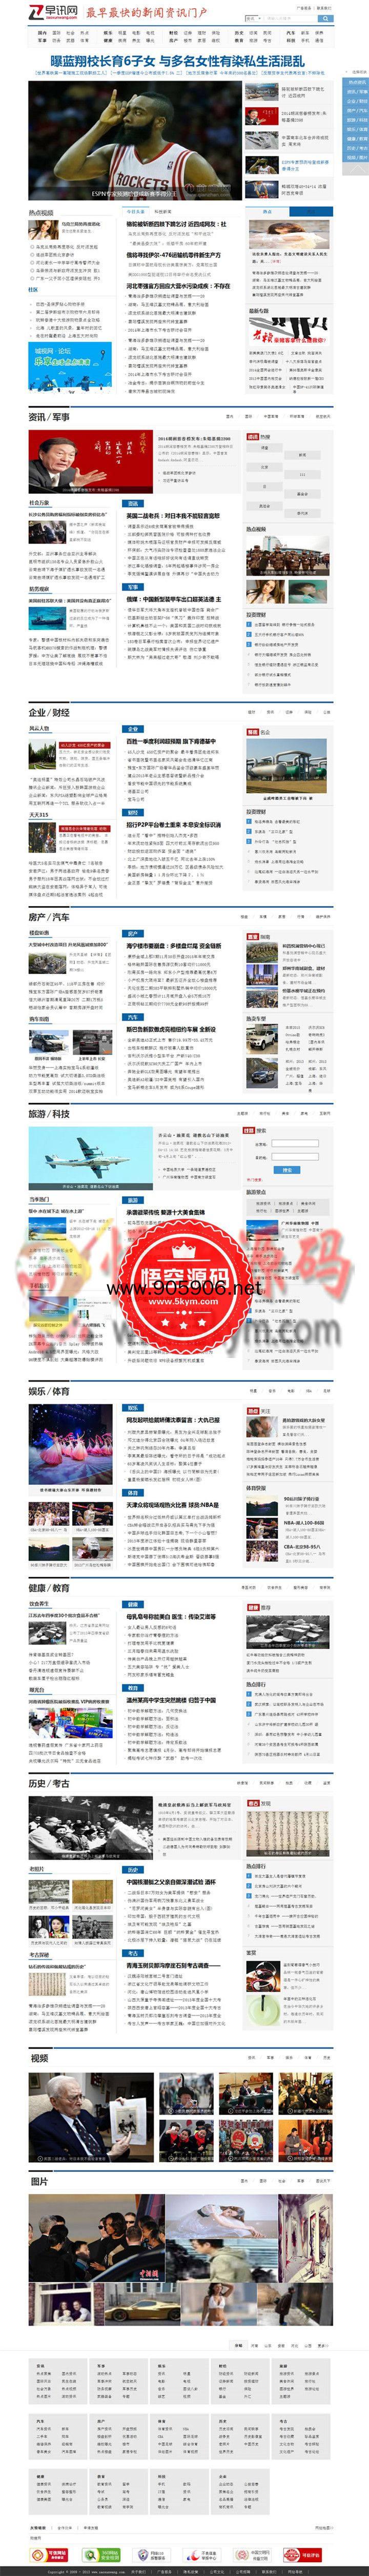 """帝国cms7.2 早讯网模板源码 带wap手机模板 地方门户新闻网站模板"""""""